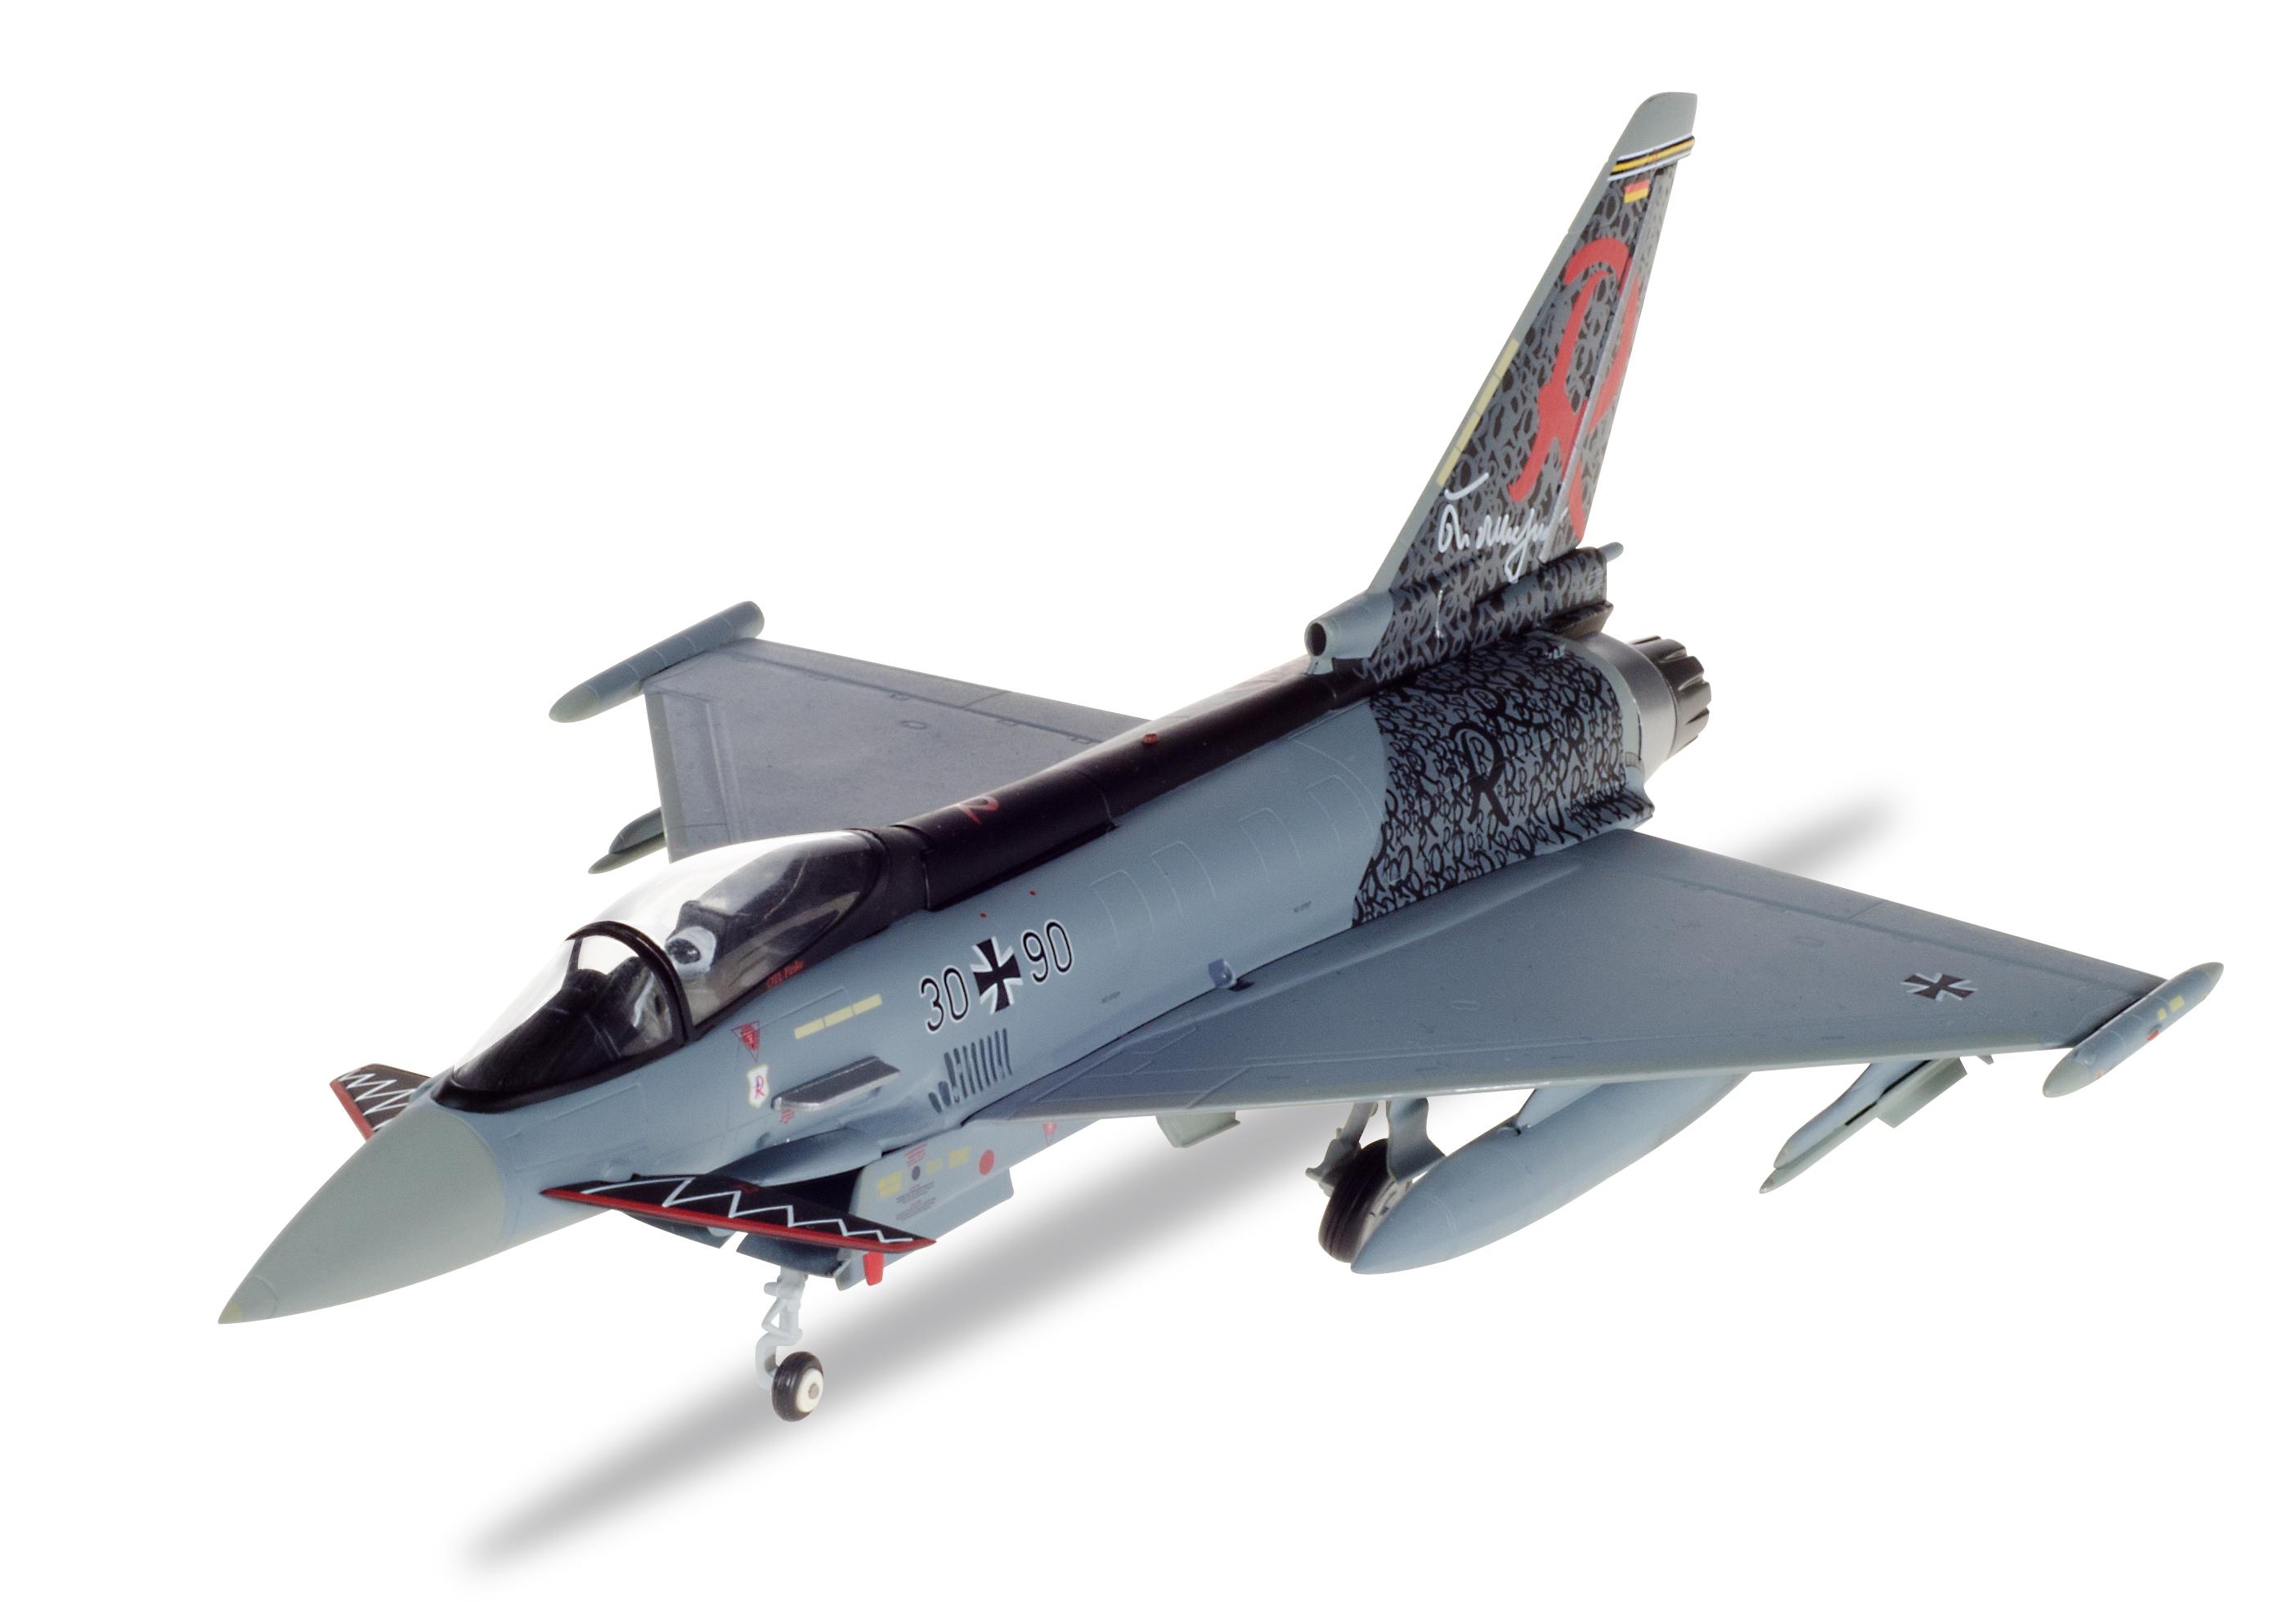 Taktlwg 71 Richthofen Herpa 580182-1//72 Eurofighter Typhoon Luftwaffe